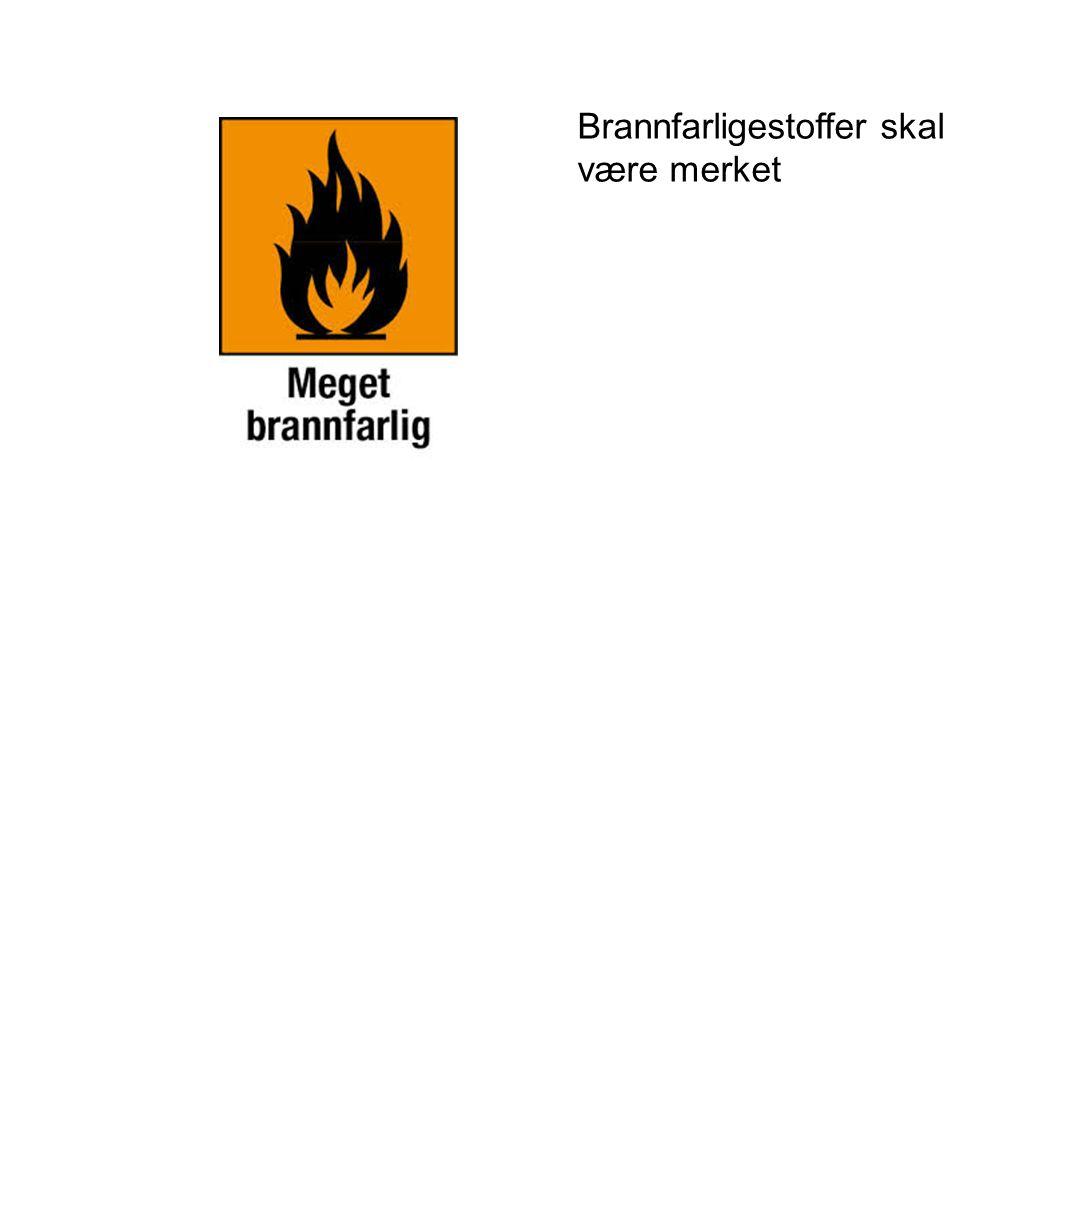 Brannfarligestoffer skal være merket